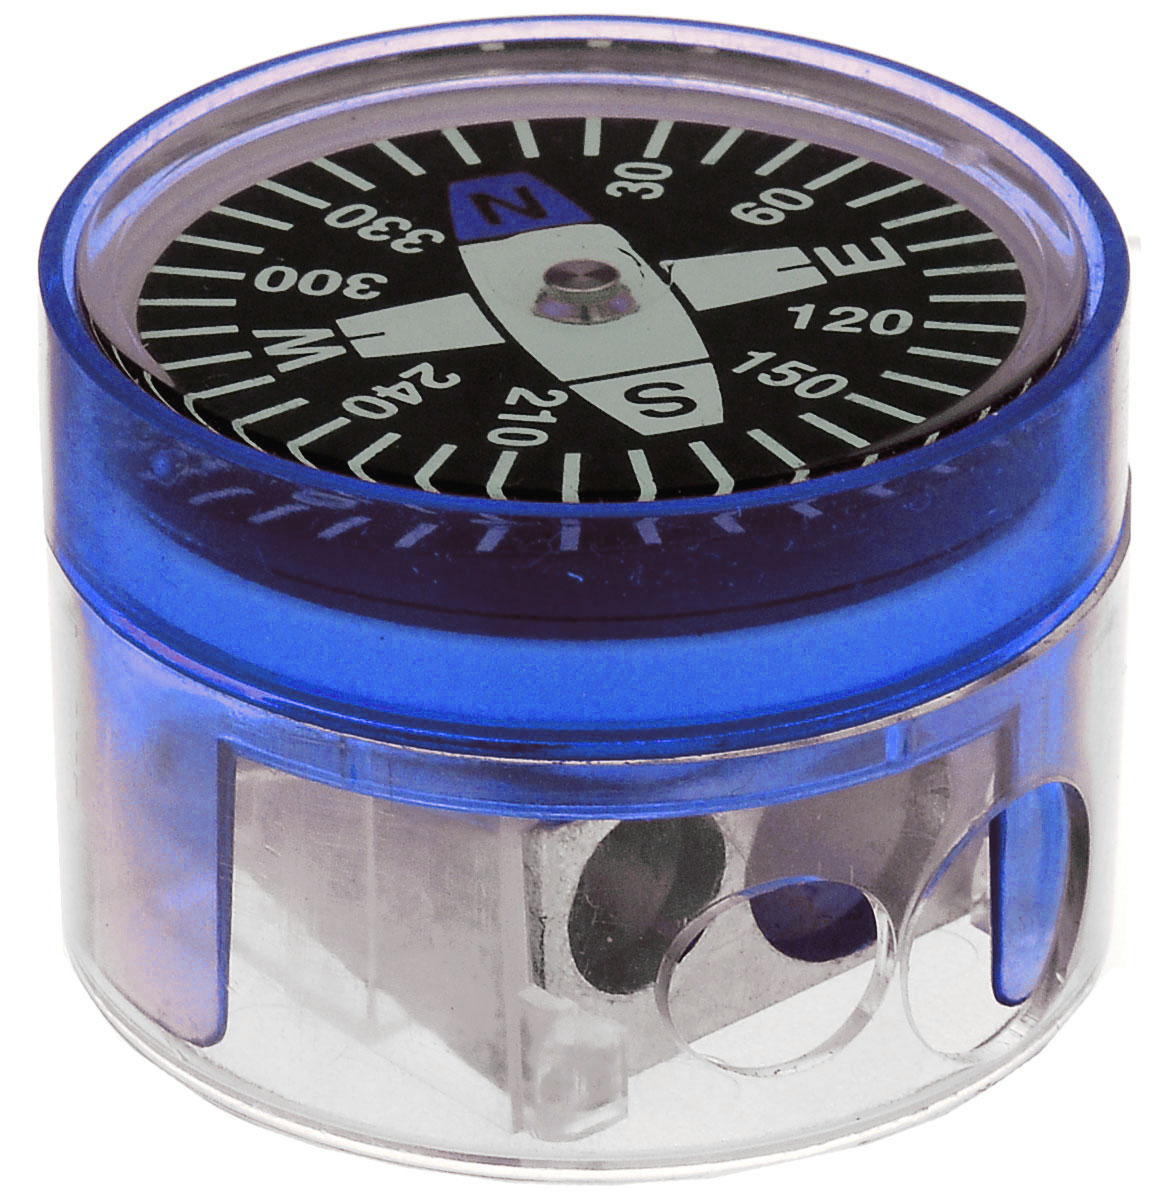 Brunnen Точилка двойная Компас цвет синий72523WDДвойная точилка Brunnen Компас выполнена из прочного пластика.В точилке имеются два отверстия для карандашей различного диаметра, подходит для разных видов карандашей. При повороте пластикового контейнера, отверстия закрываются. Полупрозрачный контейнер для сбора стружки позволяет визуально контролировать уровень заполнения и вовремя производить очистку. В крышку контейнера встроен небольшой компас.